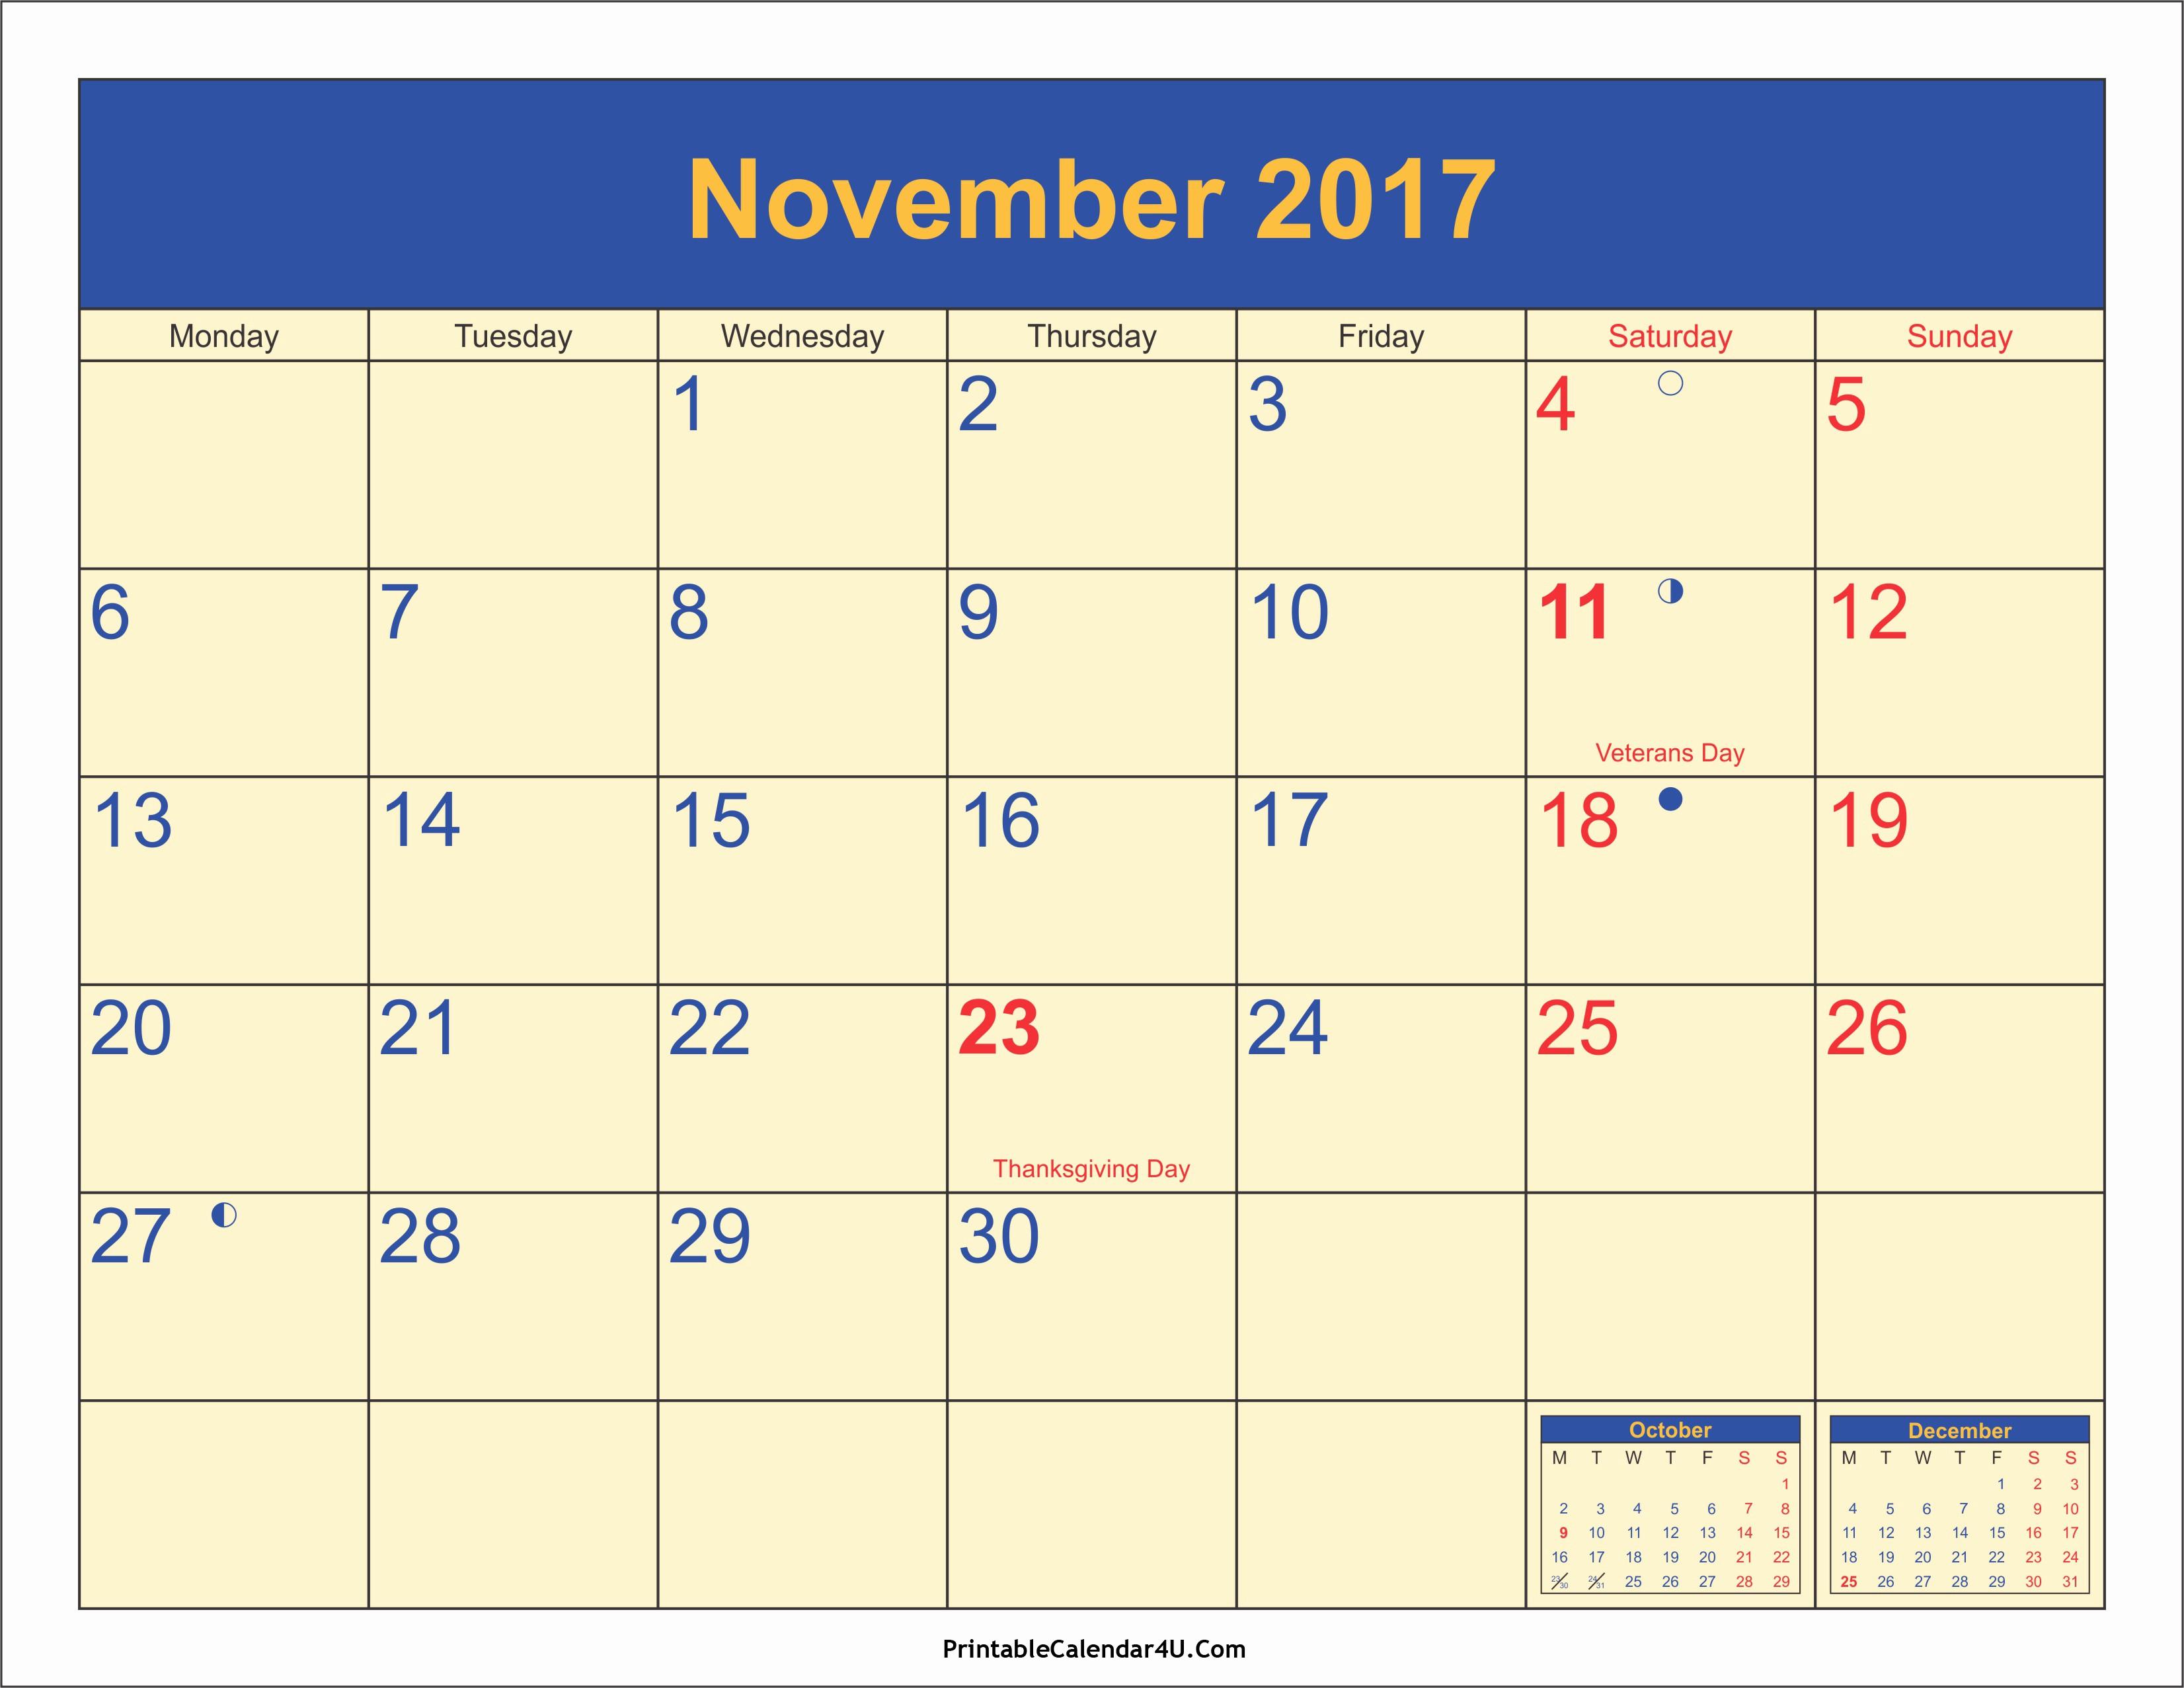 2017 Editable Calendar with Holidays New November 2017 Calendar with Holidays